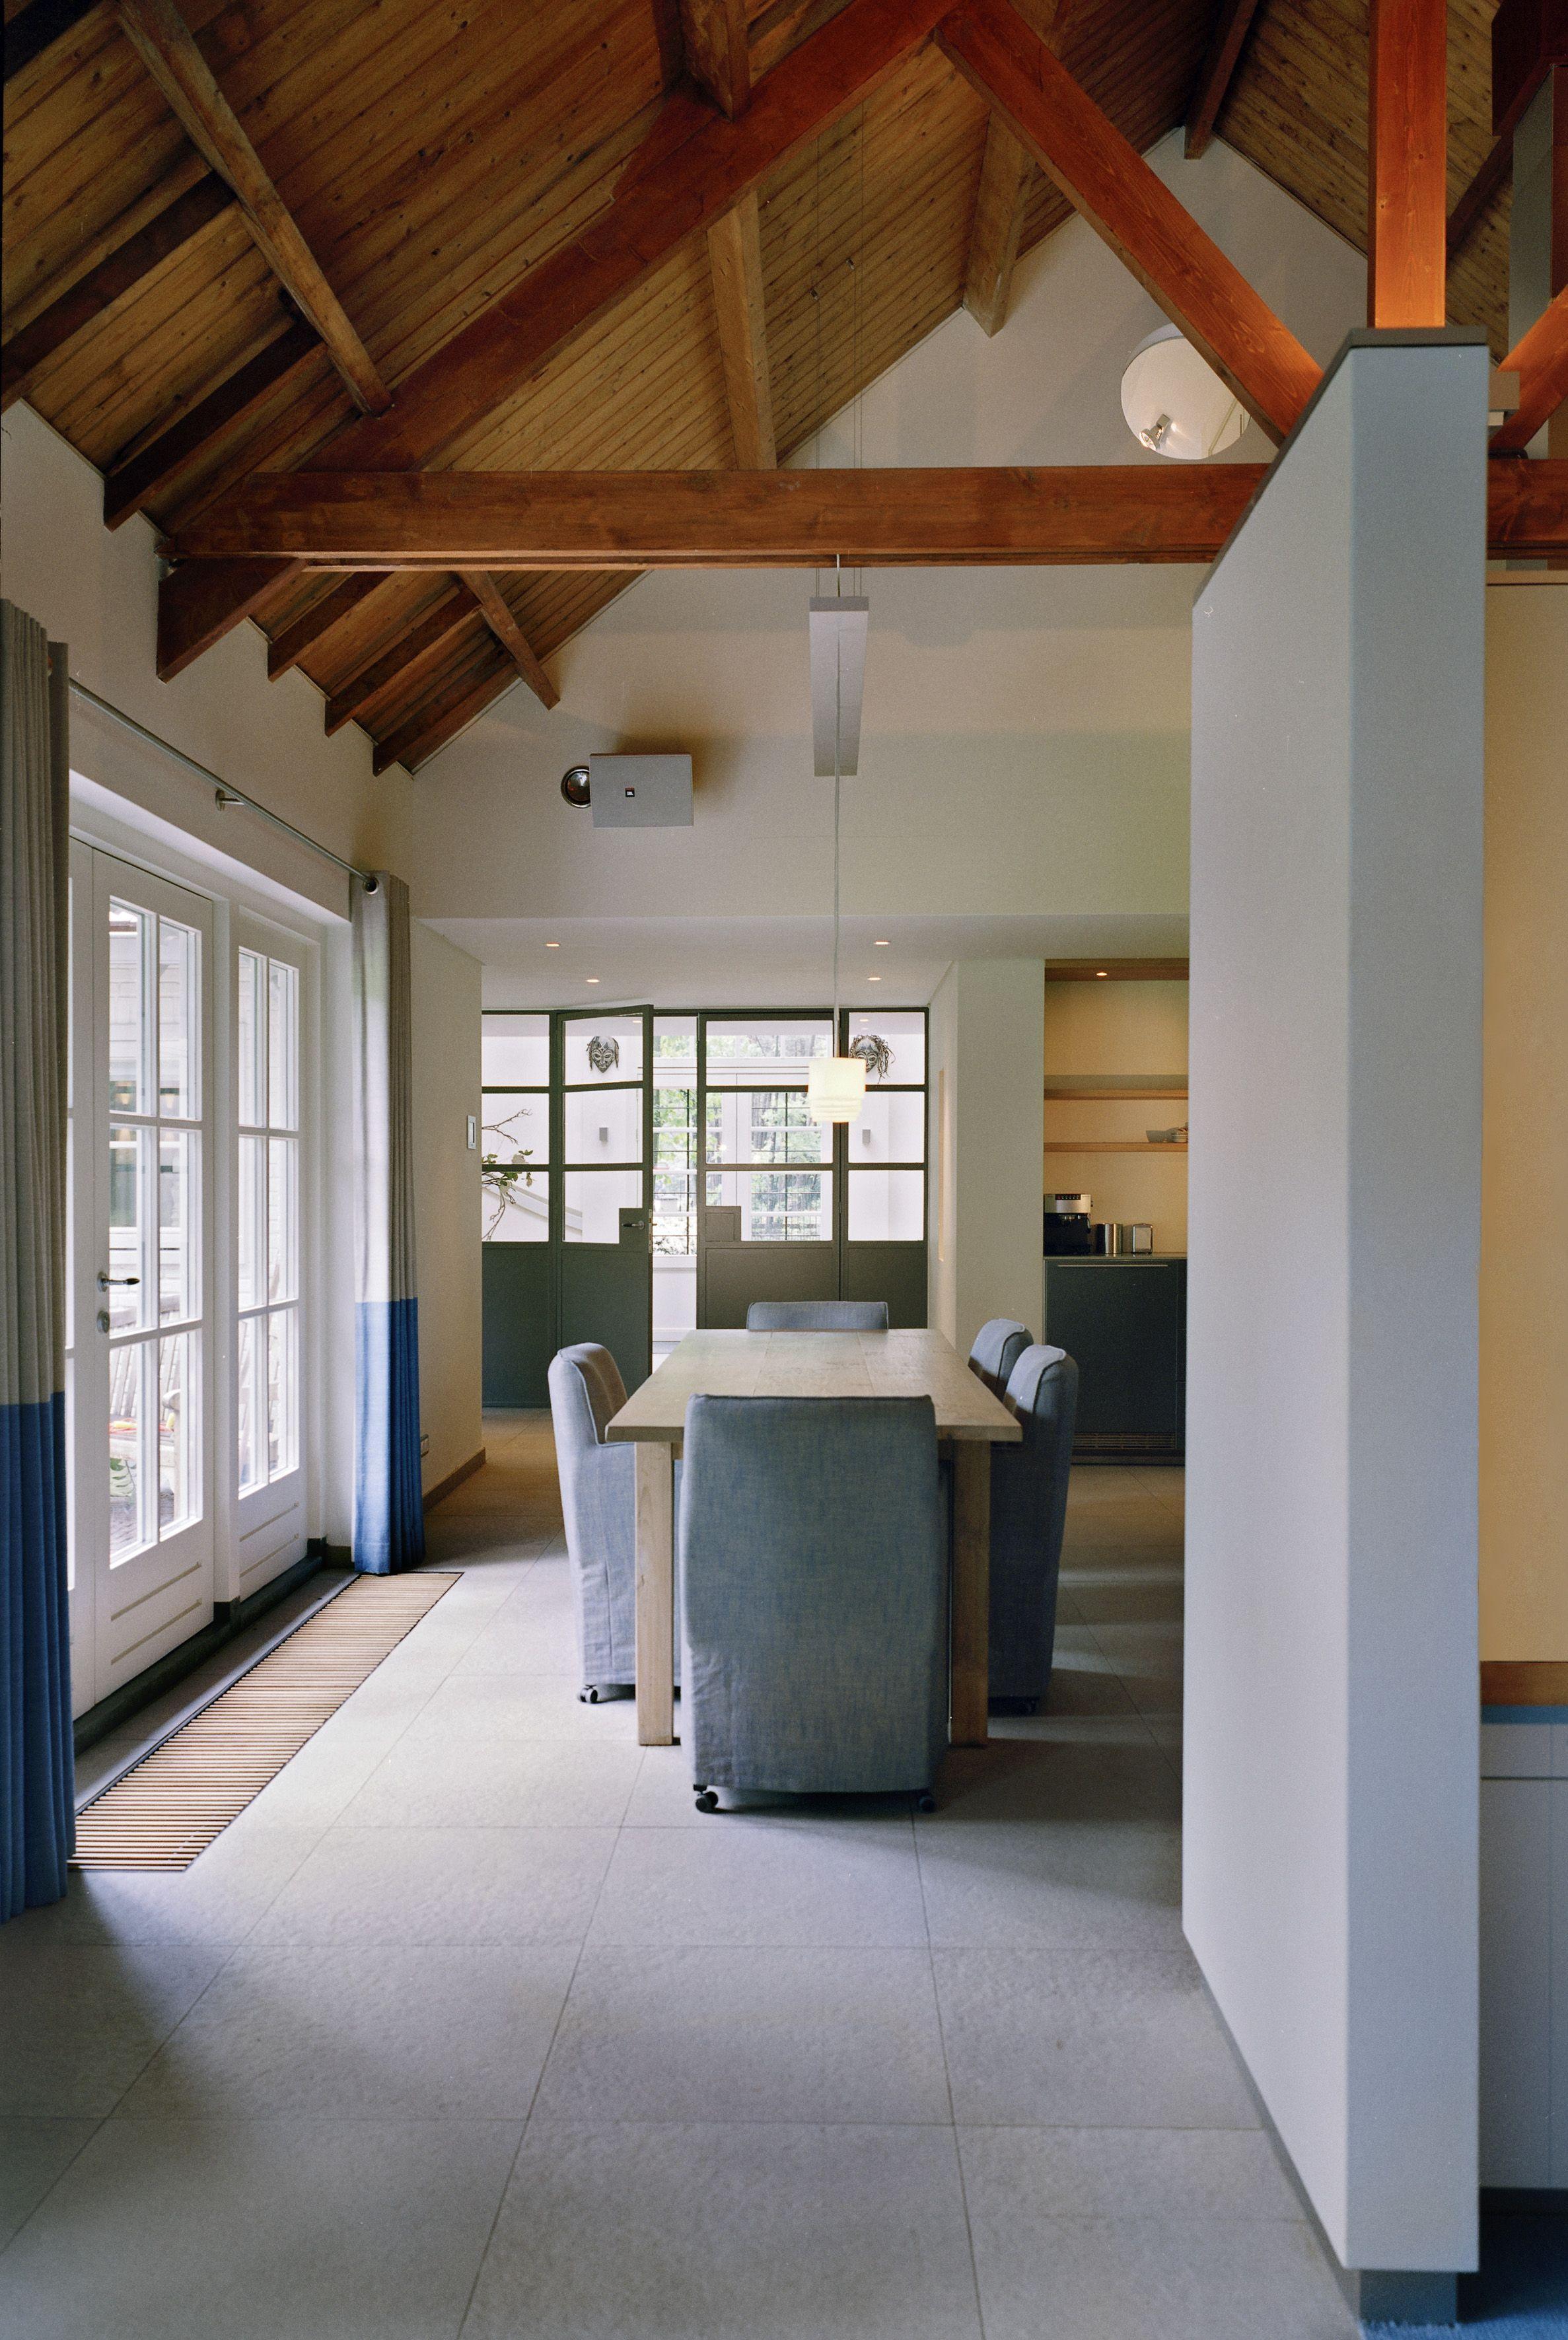 Woonhuis bos duin beton tegels spanten dak constructie stucwerk - Kamer buffet heeft houten eet ...